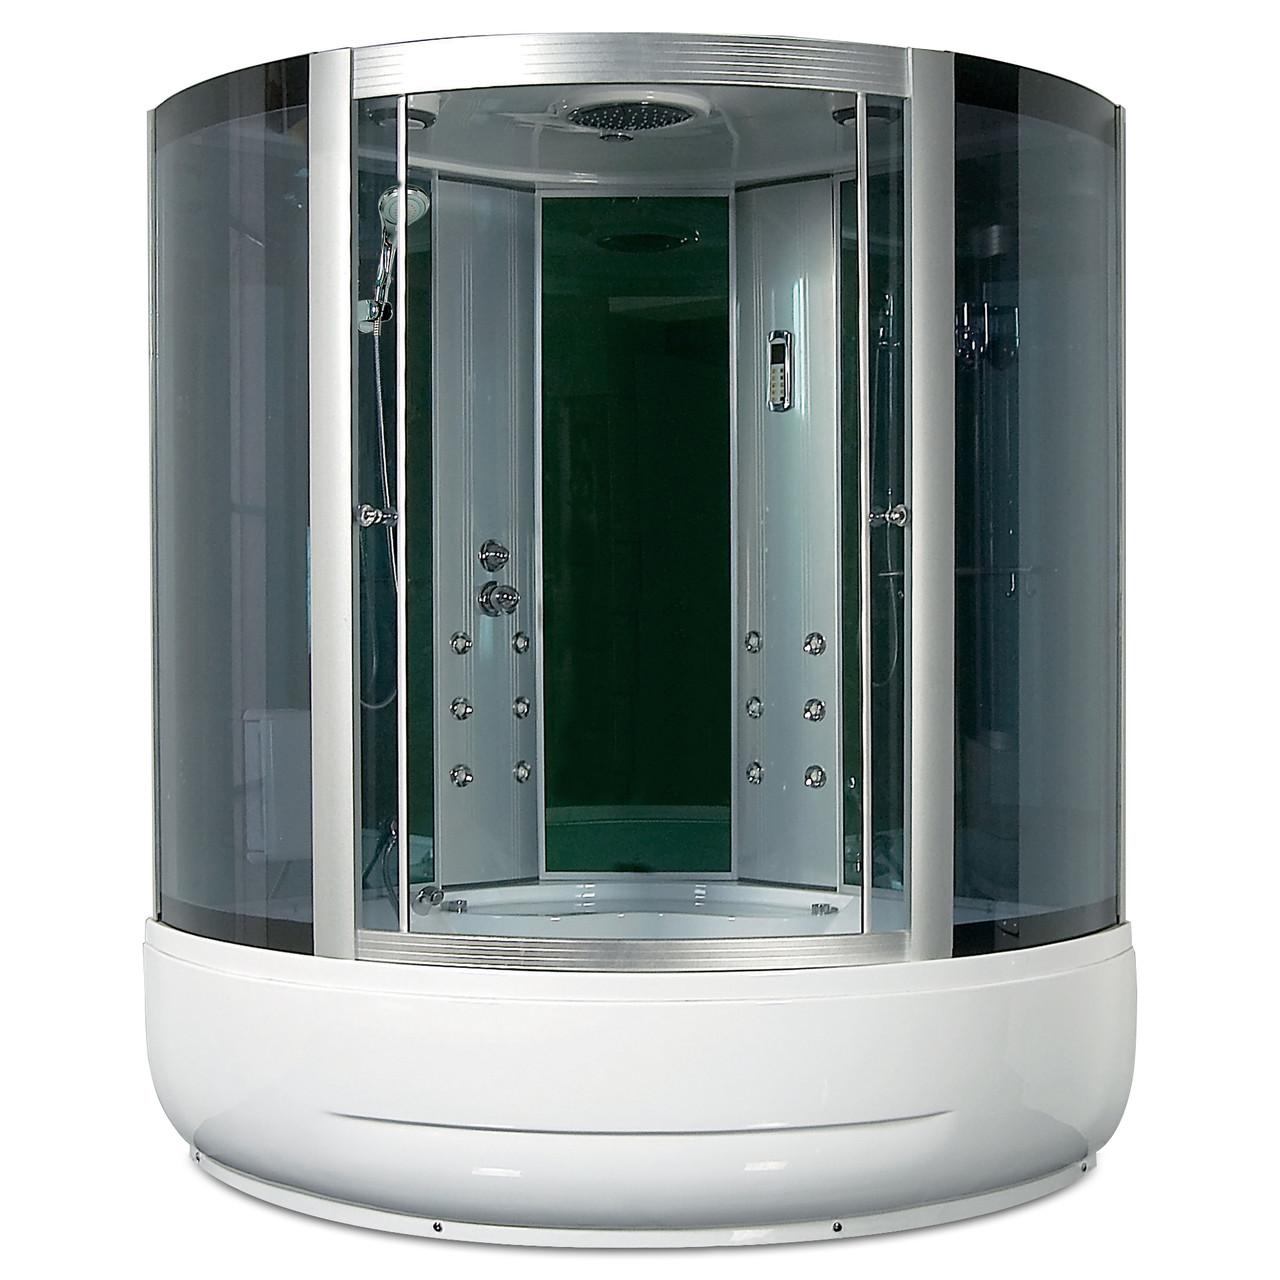 F39-3, гидробокс Miracle с панелью управления, 150 х 150 см, рама сатин, стекло серое